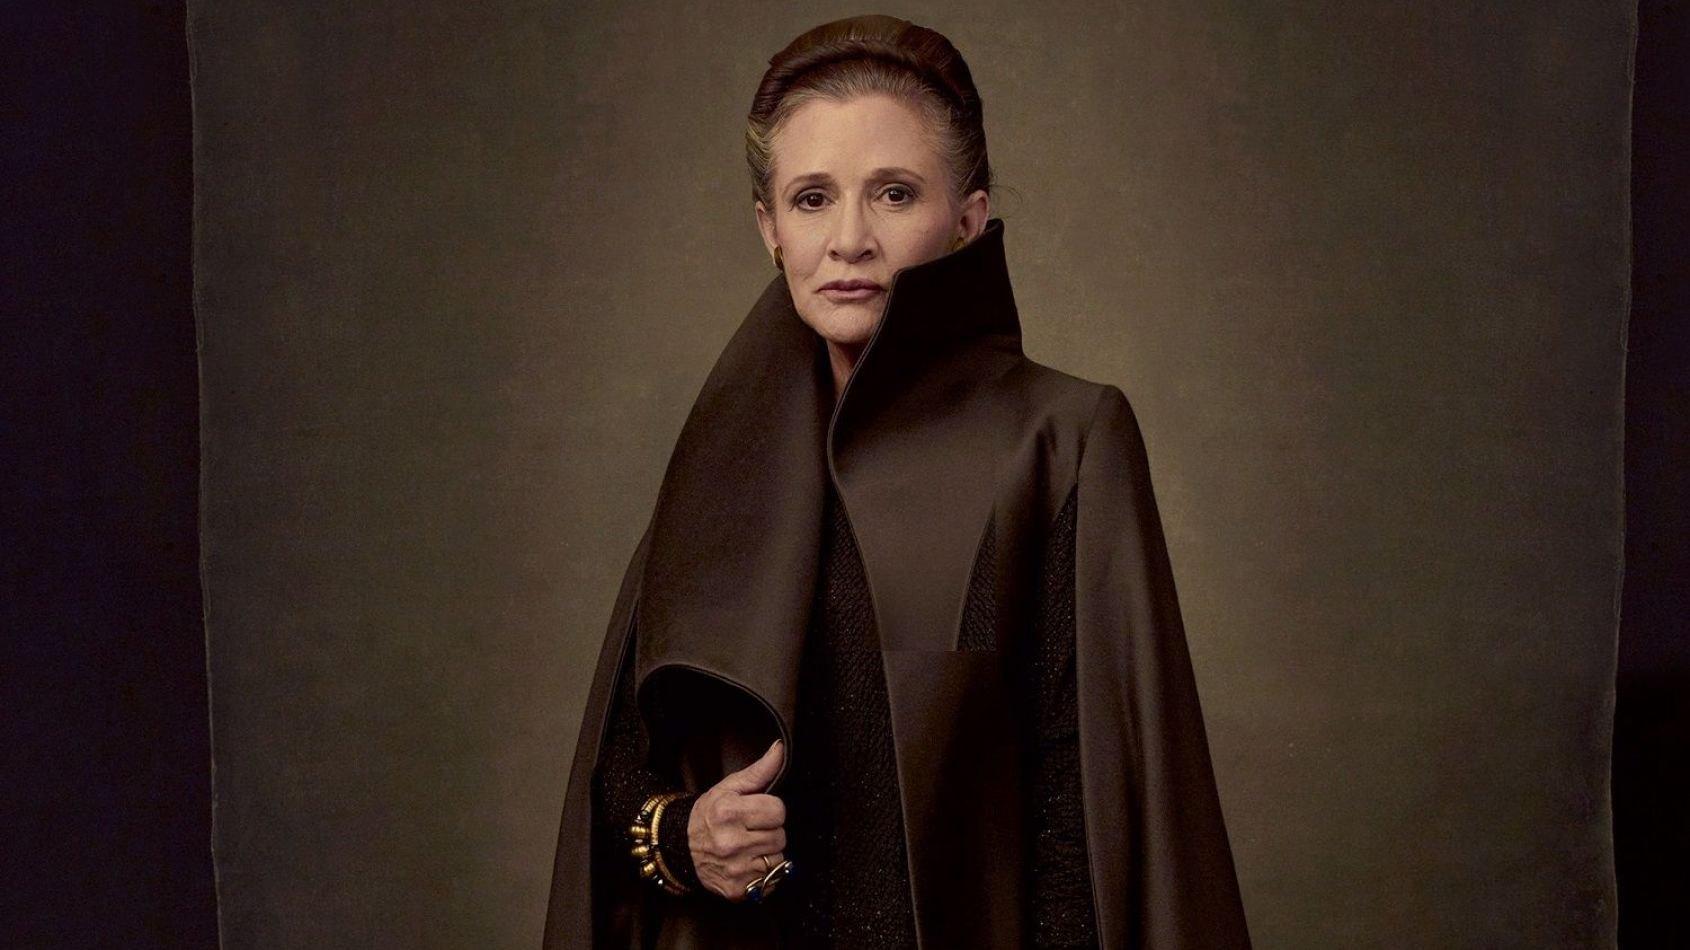 La contribution de Carrie Fisher aux dialogues des Derniers Jedi